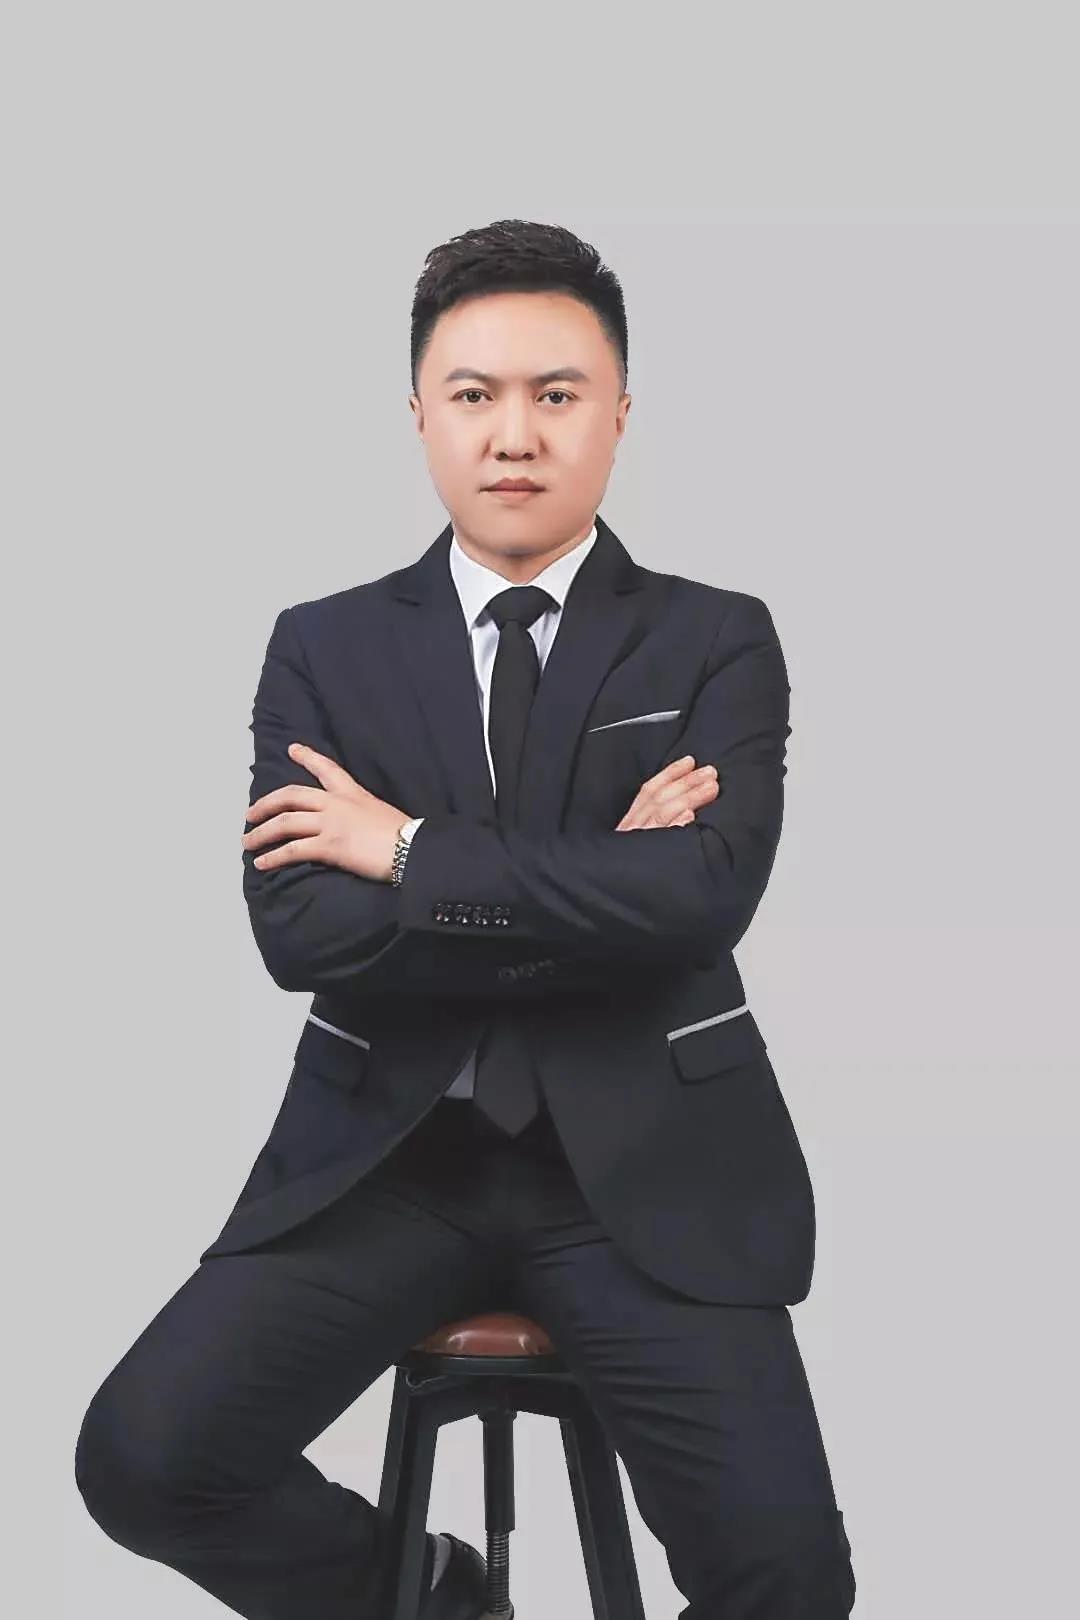 【北京kok平台新用户送彩金企业kok登录】2020年4月1日星期三(庚子鼠年三月初九)